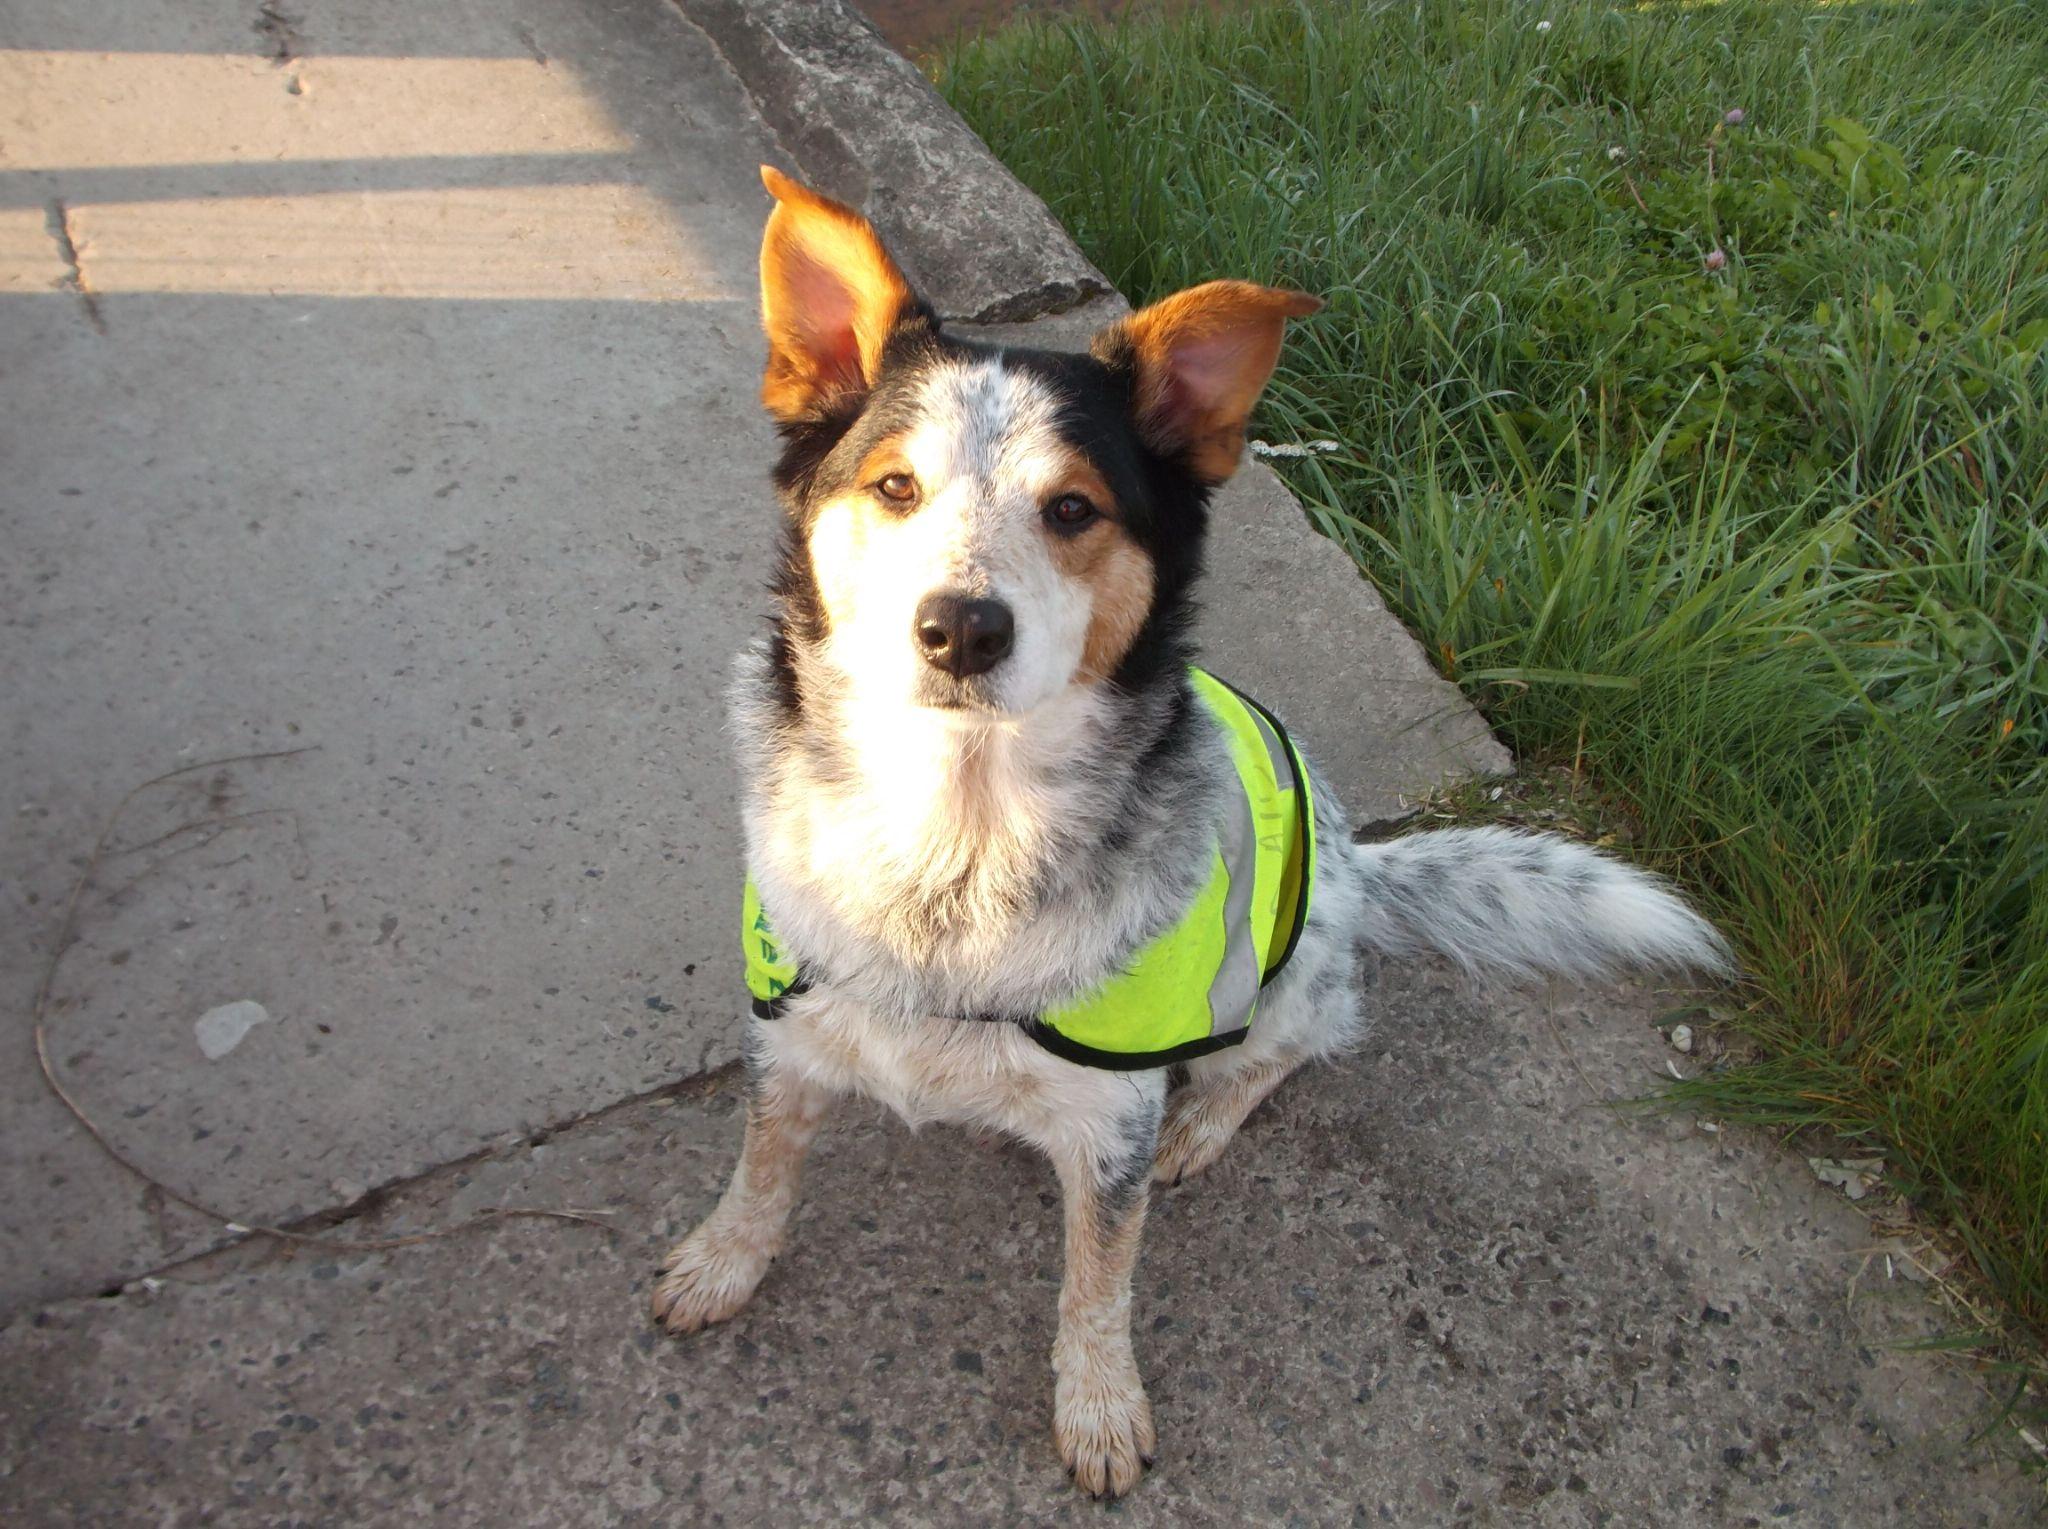 Max my dog. by Zita Užkuraitienė